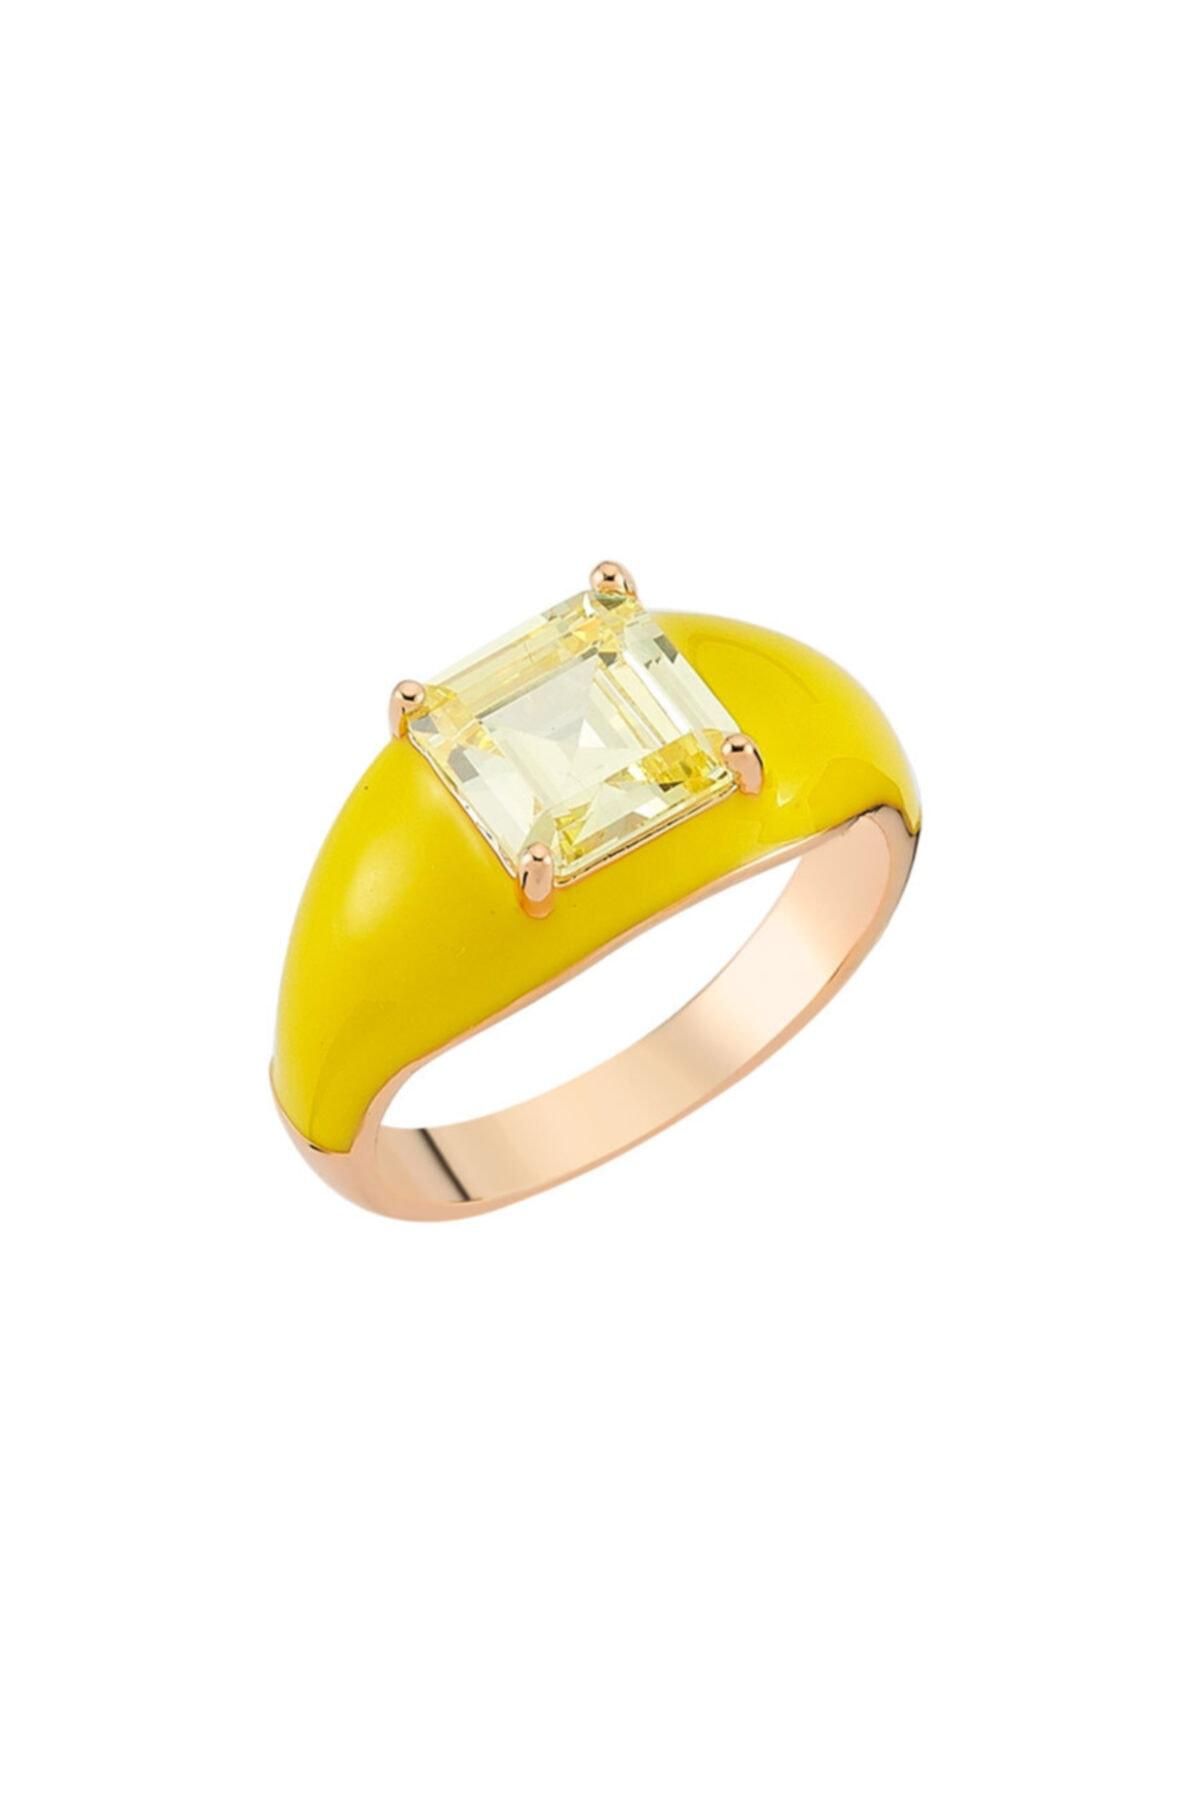 Luzdemia H. Yellowish Yüzük 925 1